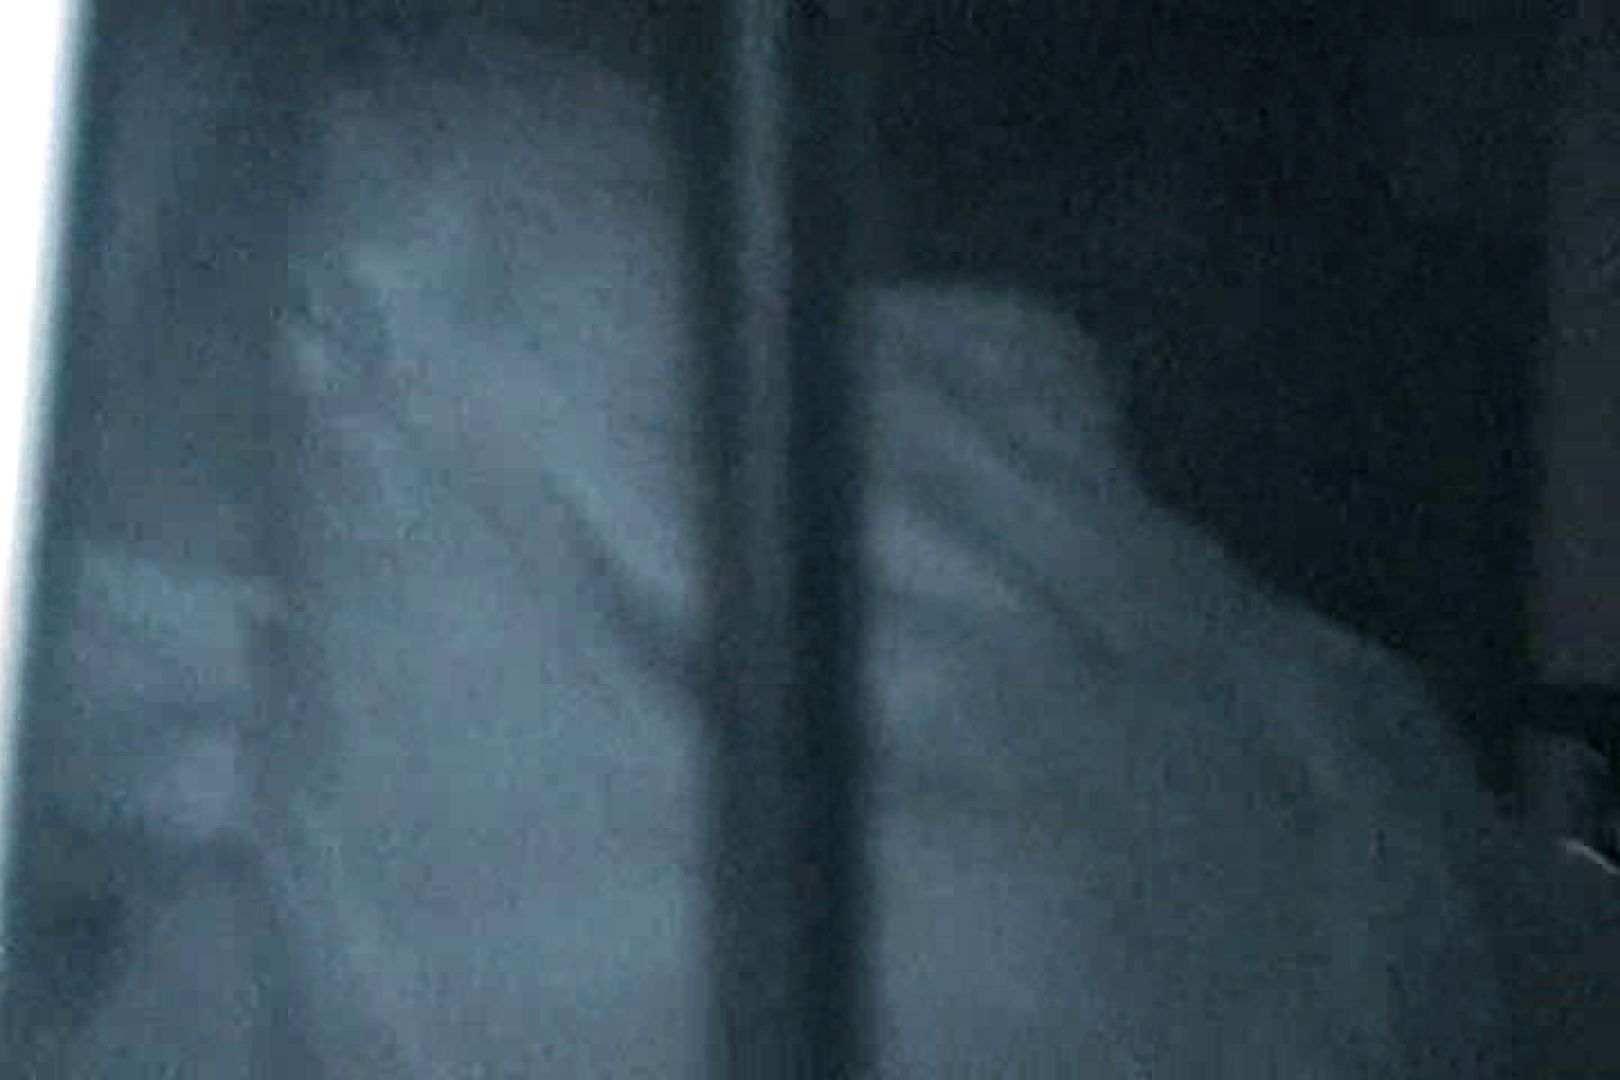 充血監督の深夜の運動会Vol.130 カップル盗撮 ワレメ無修正動画無料 105画像 63